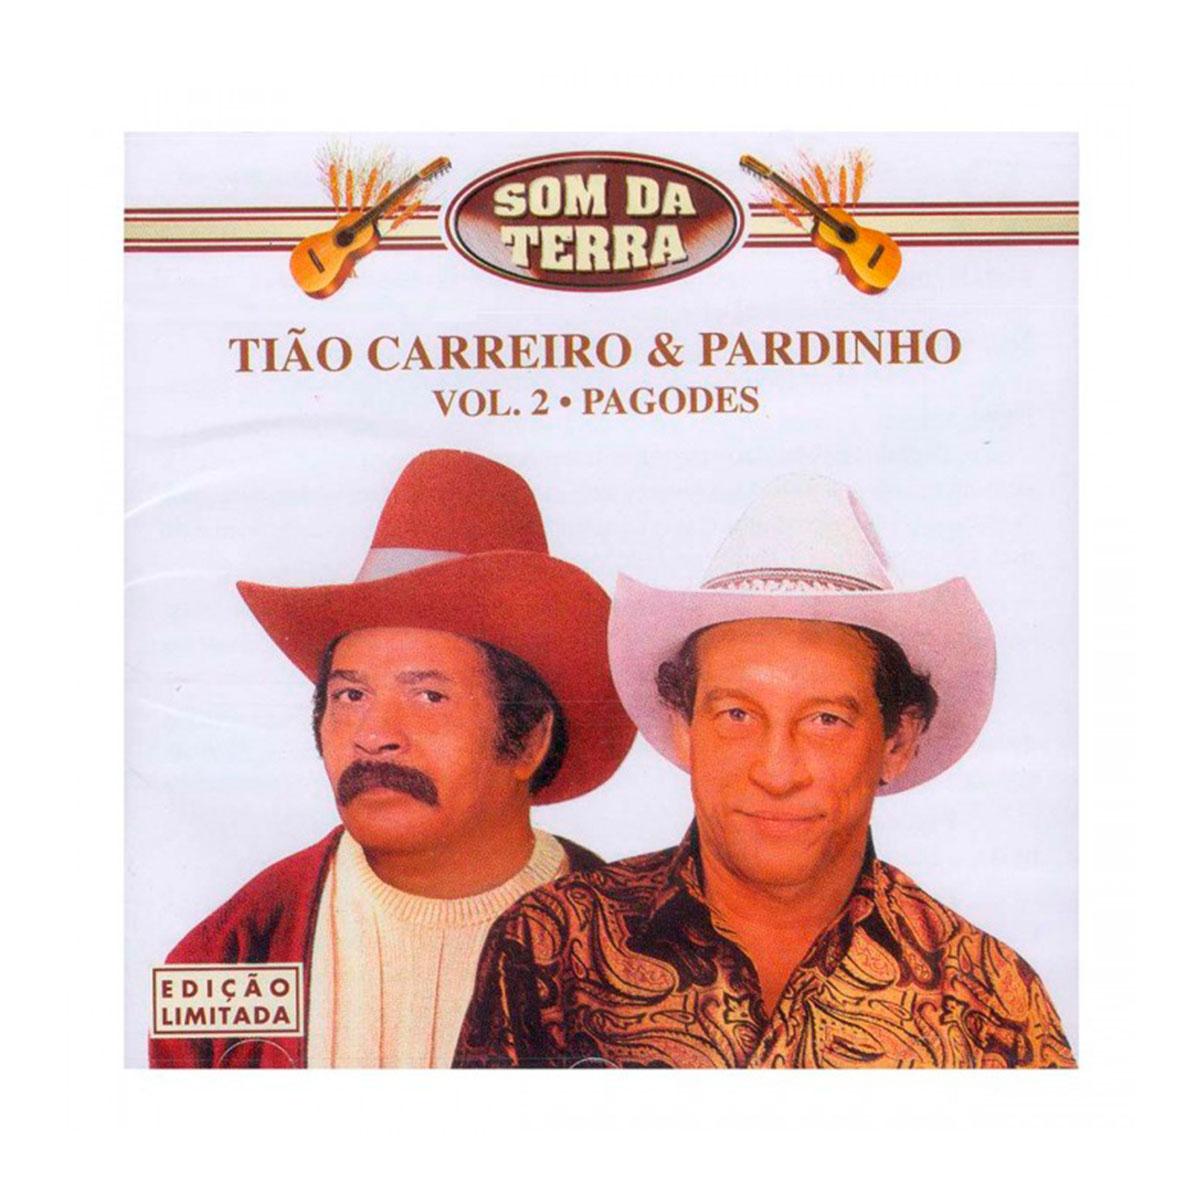 CD Tião Carreiro & Pardinho Som da Terra Pagodes Vol. 2 Edição Limitada